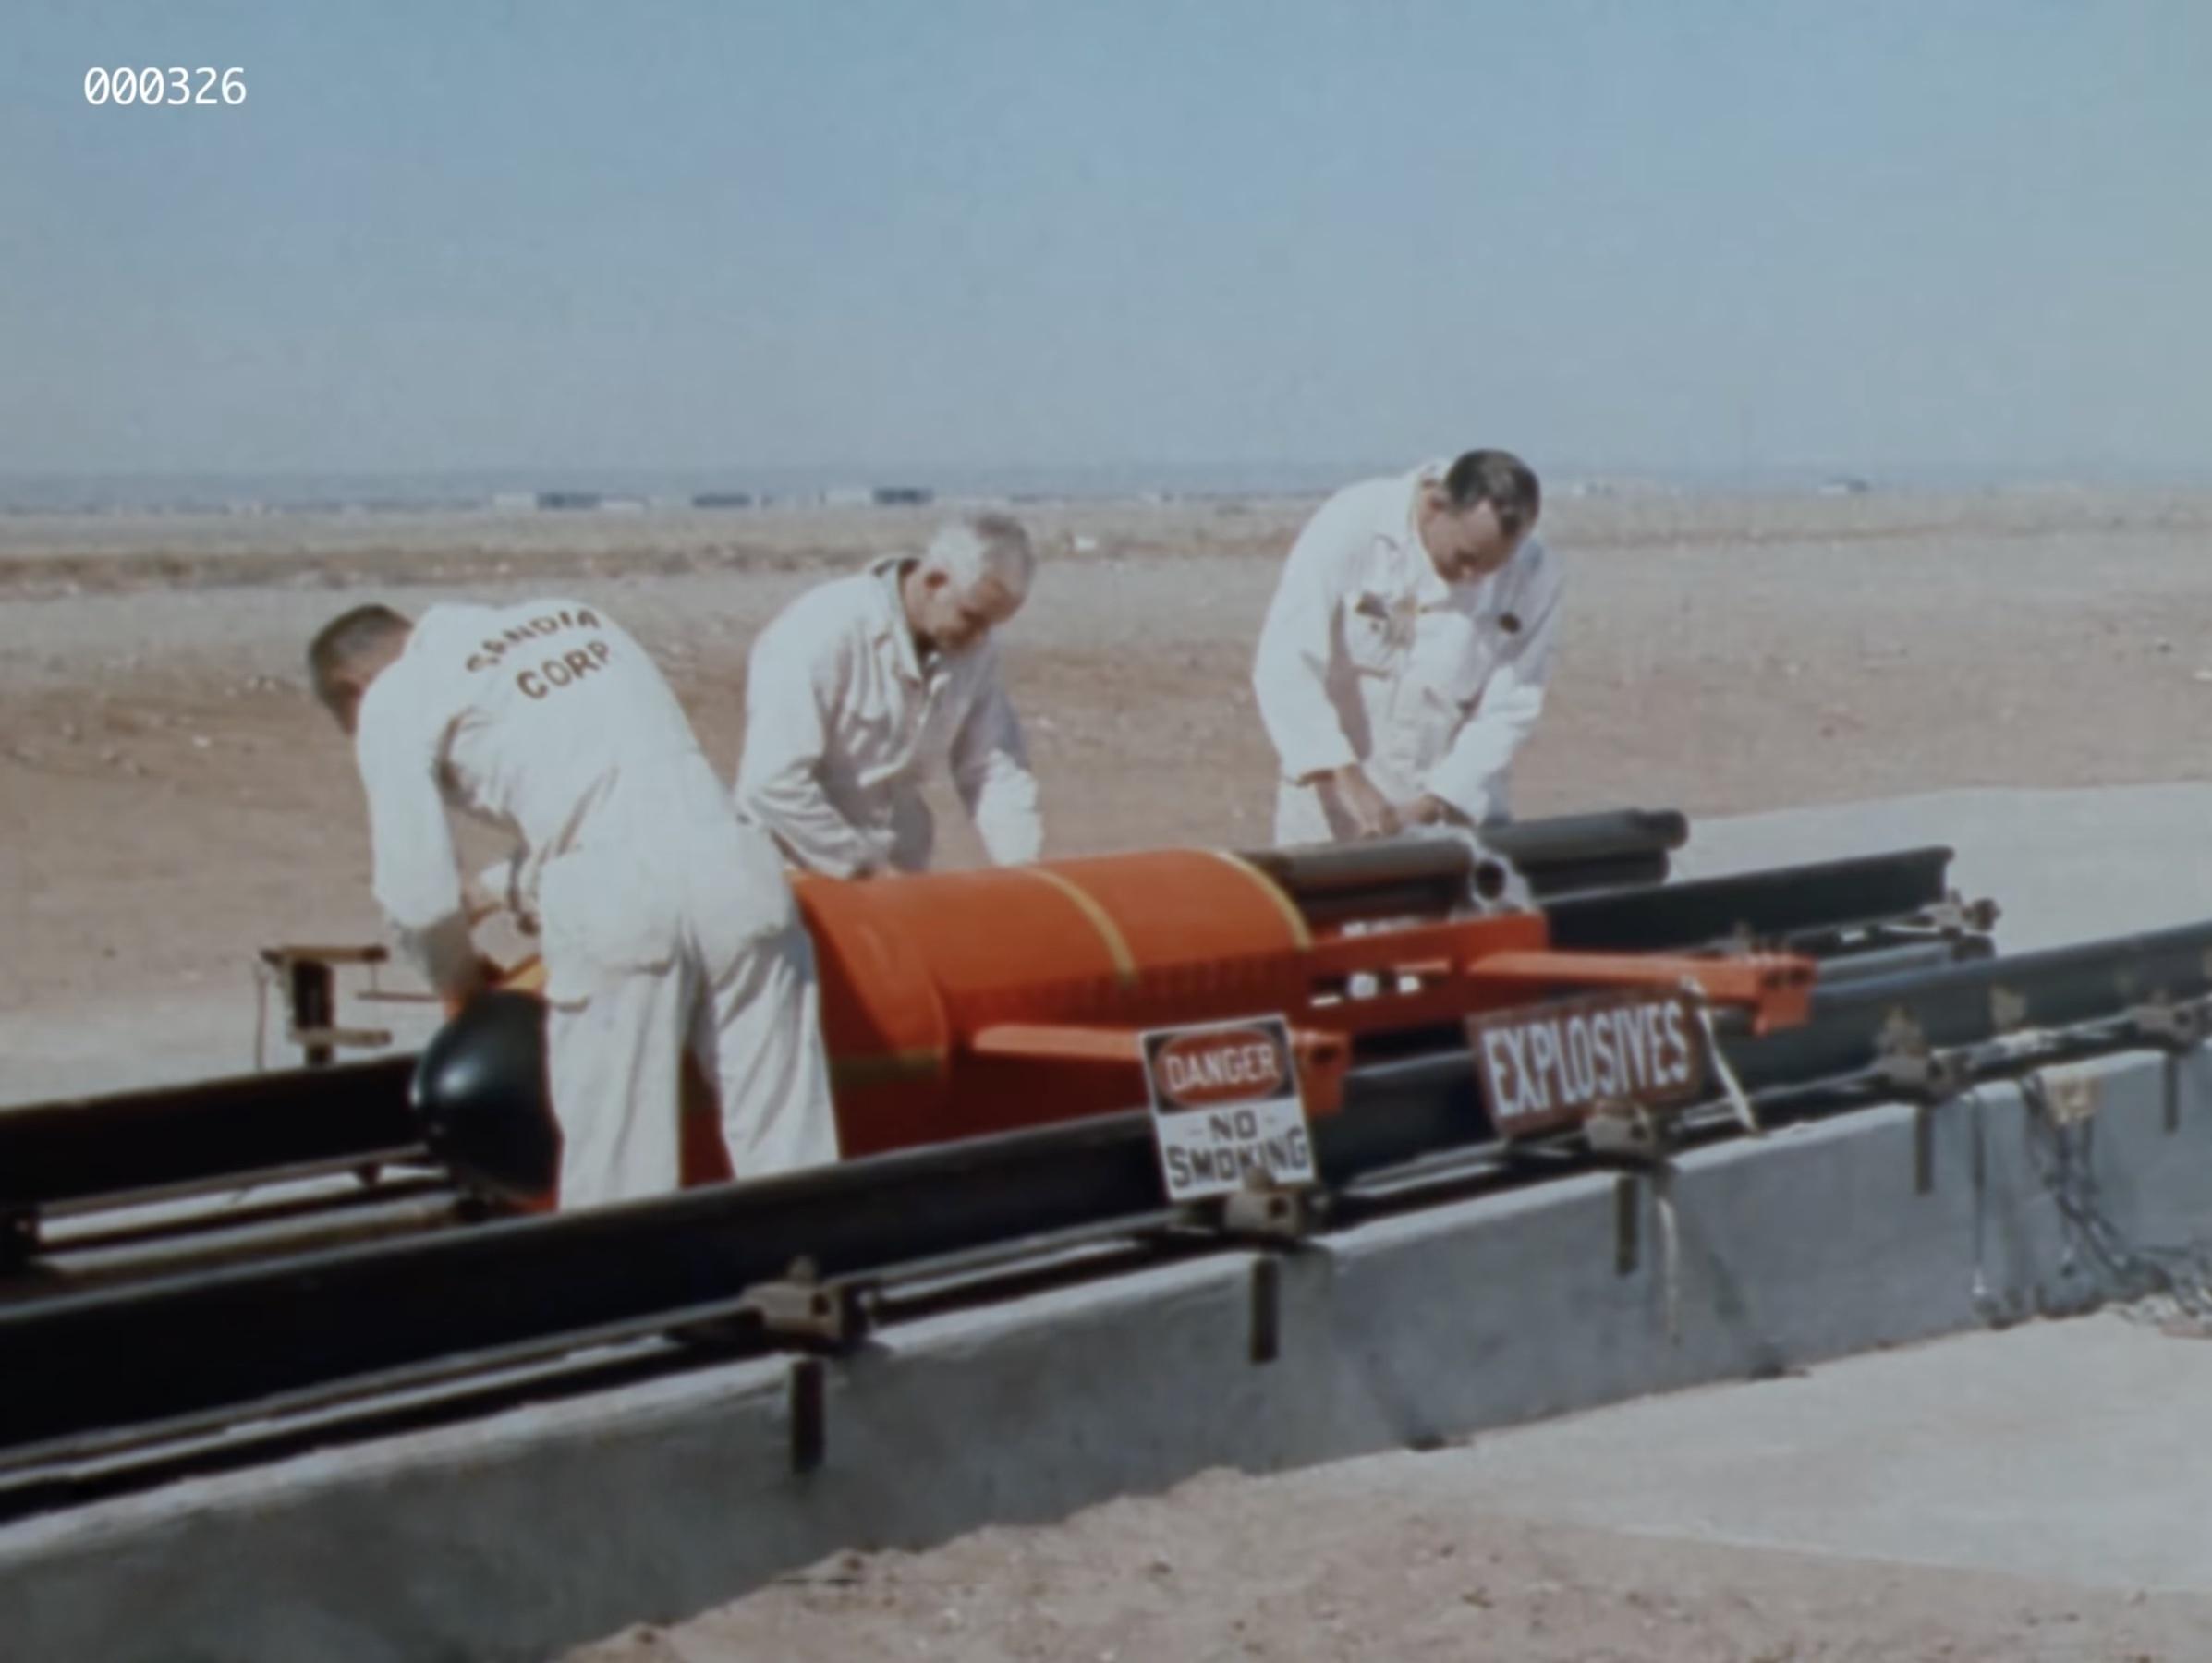 Опубликовано видео военных испытаний бомбы из 1950-х годов